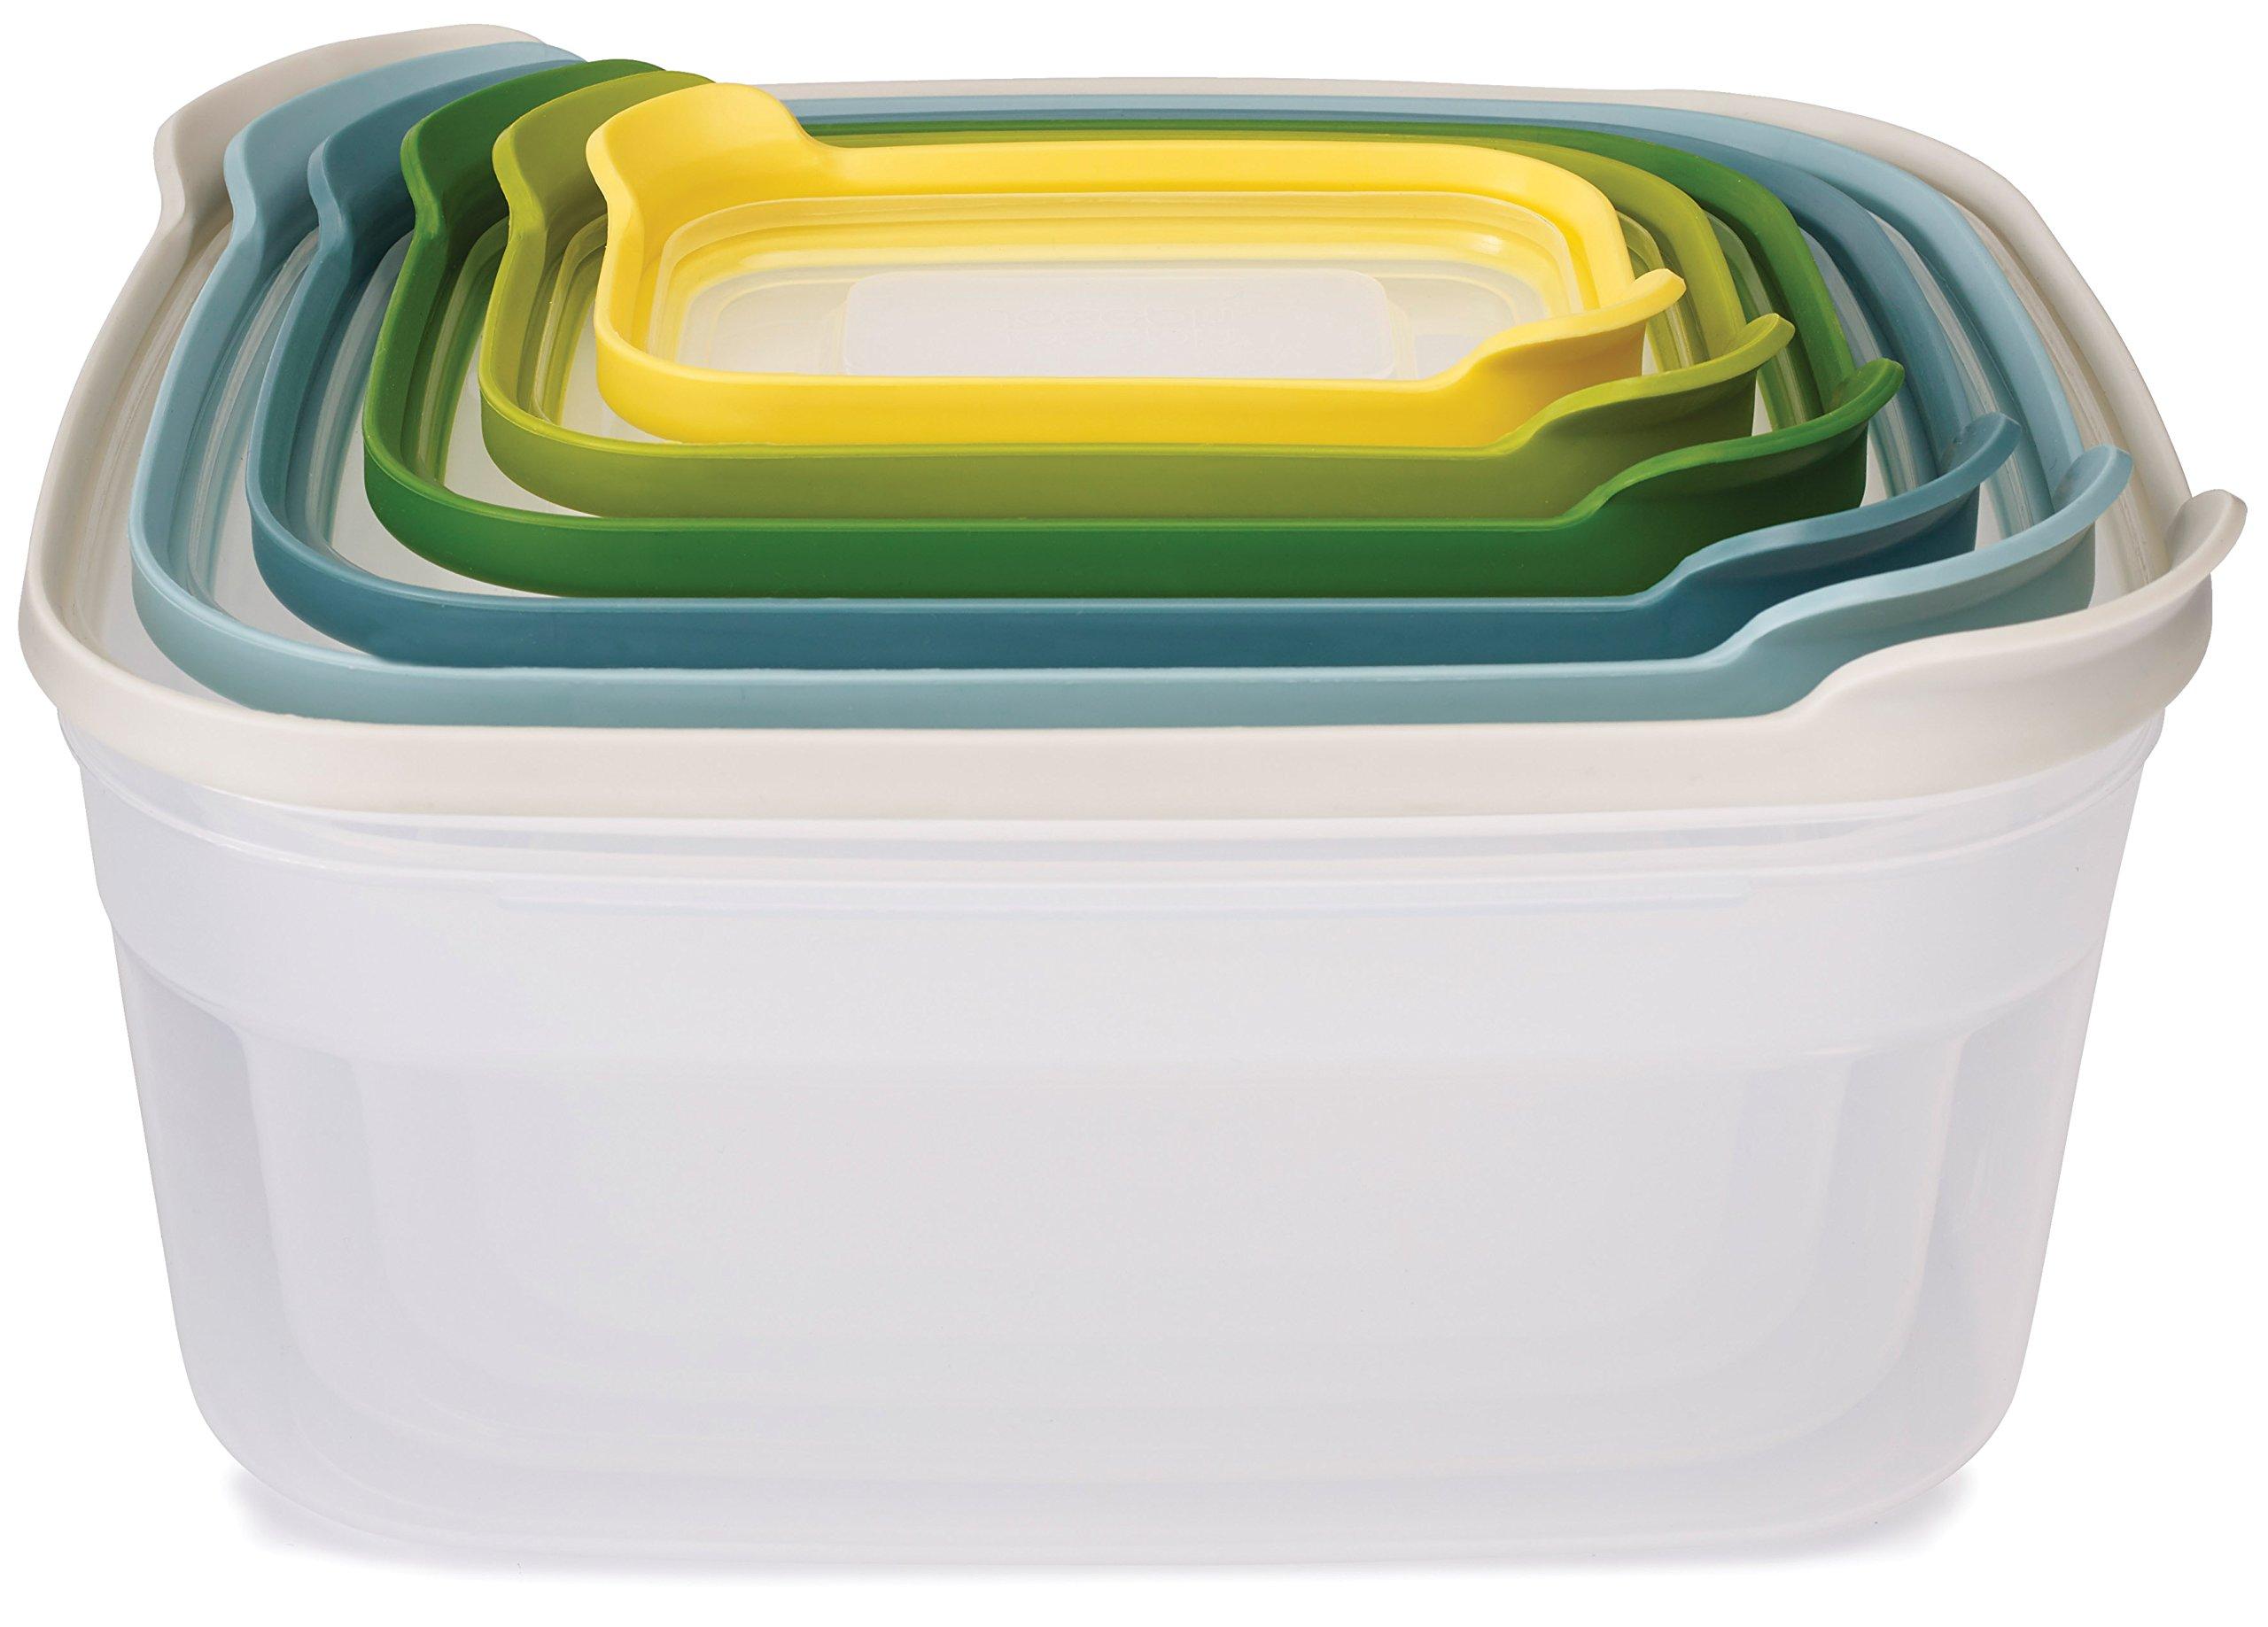 Joseph Joseph Nest Compact Storage Containers, Opal - Multi-Colour, 6 Piece Set